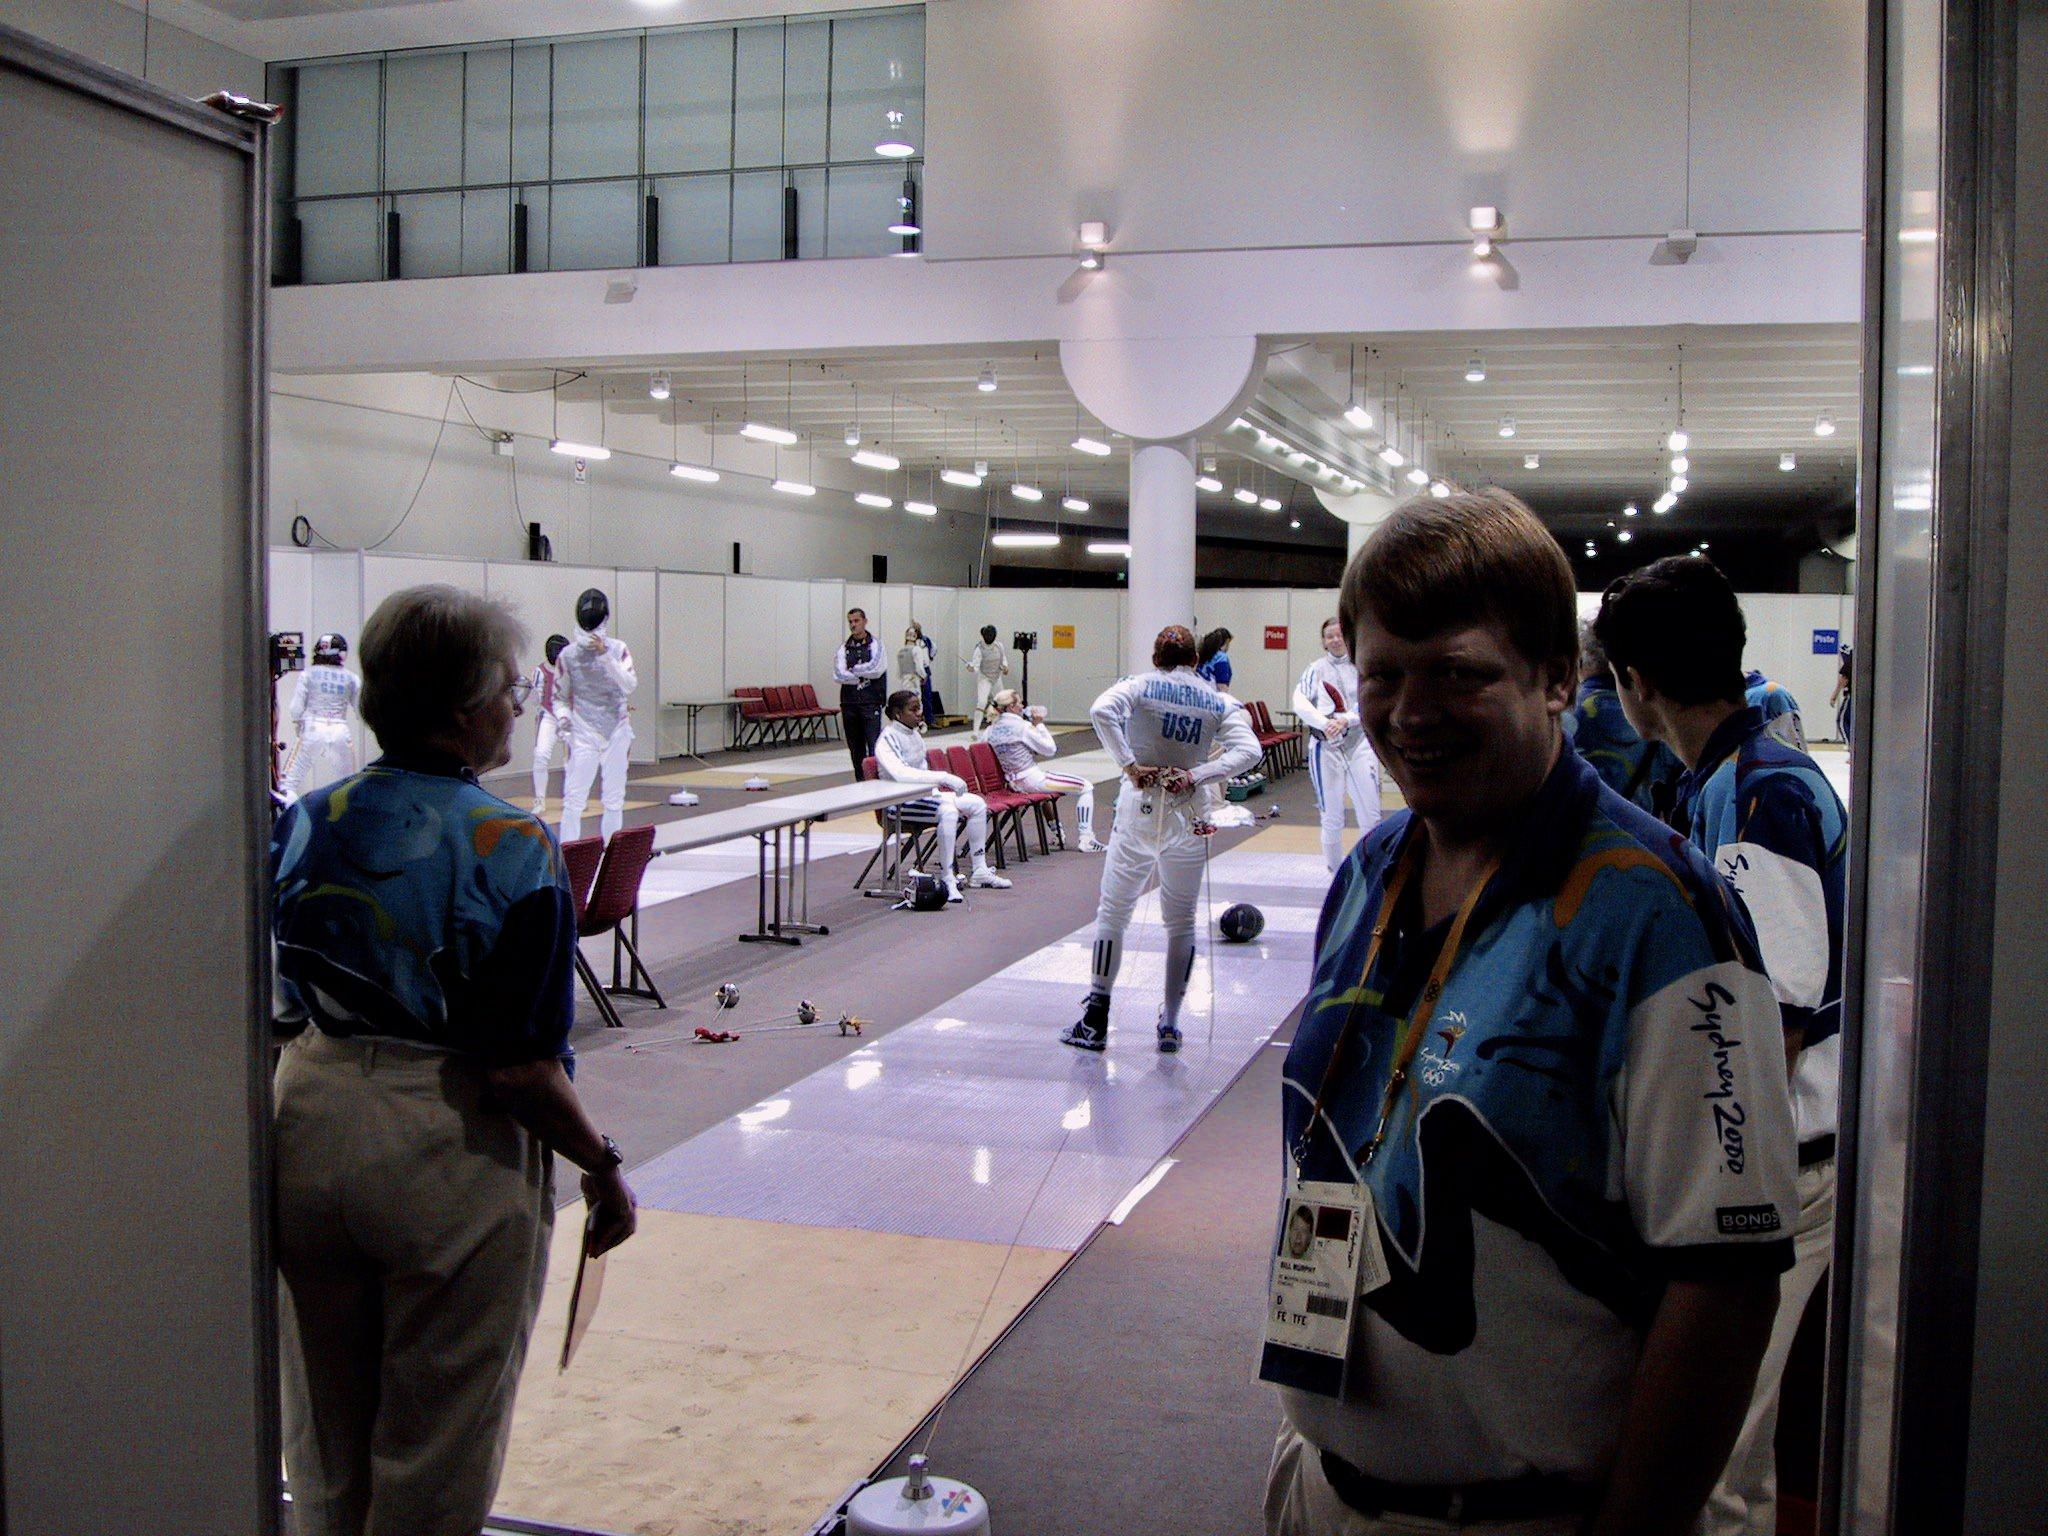 Sydney 2000 Olympics fencing warm-up hall